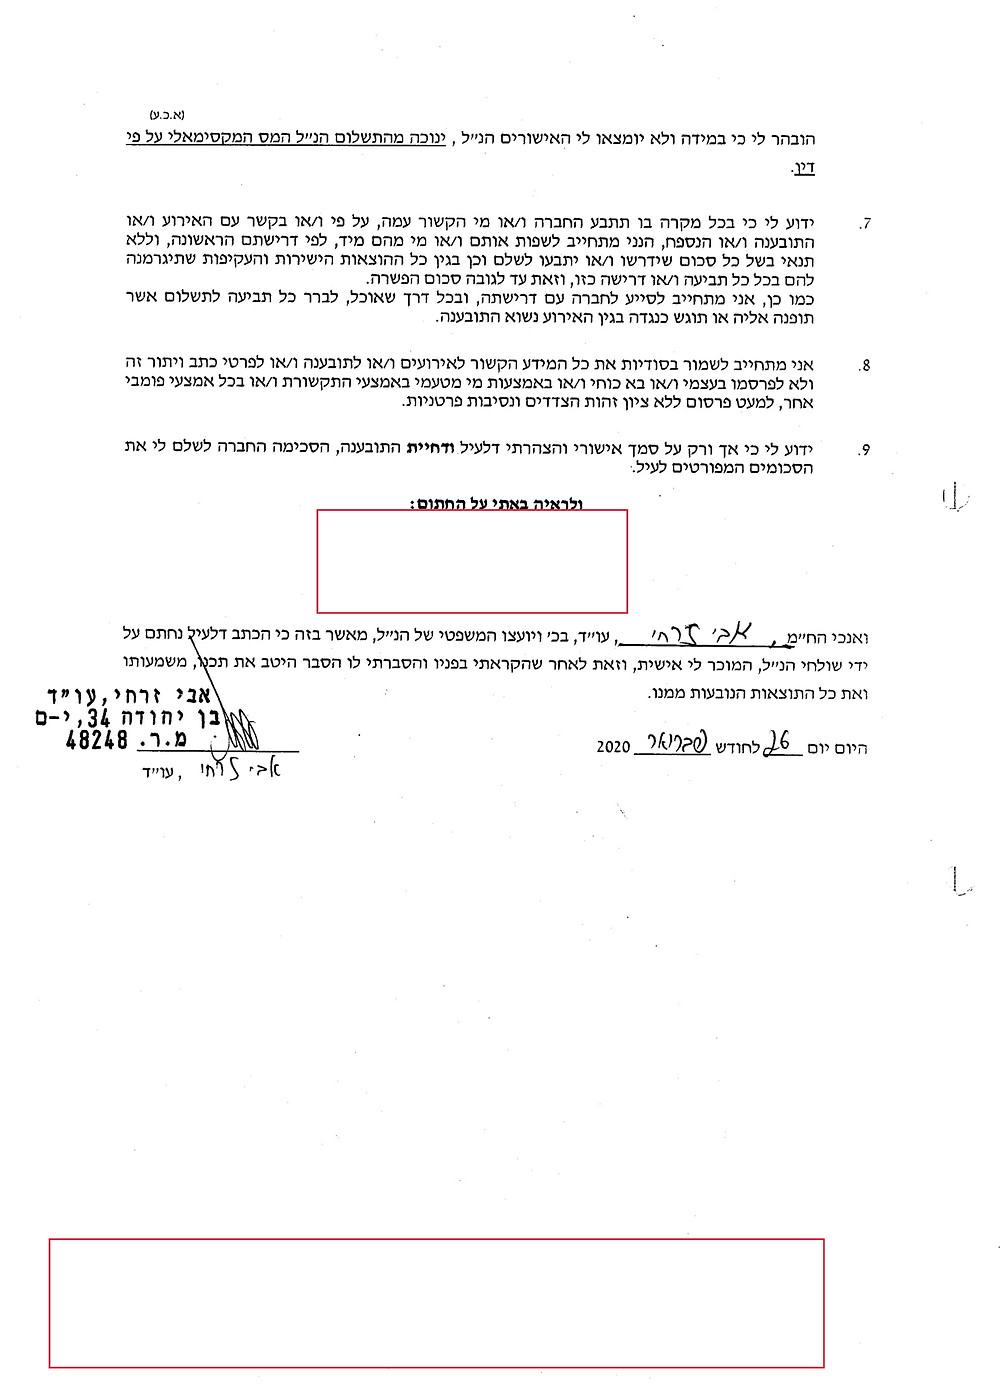 עמוד שני כתב קבלה ושחרור